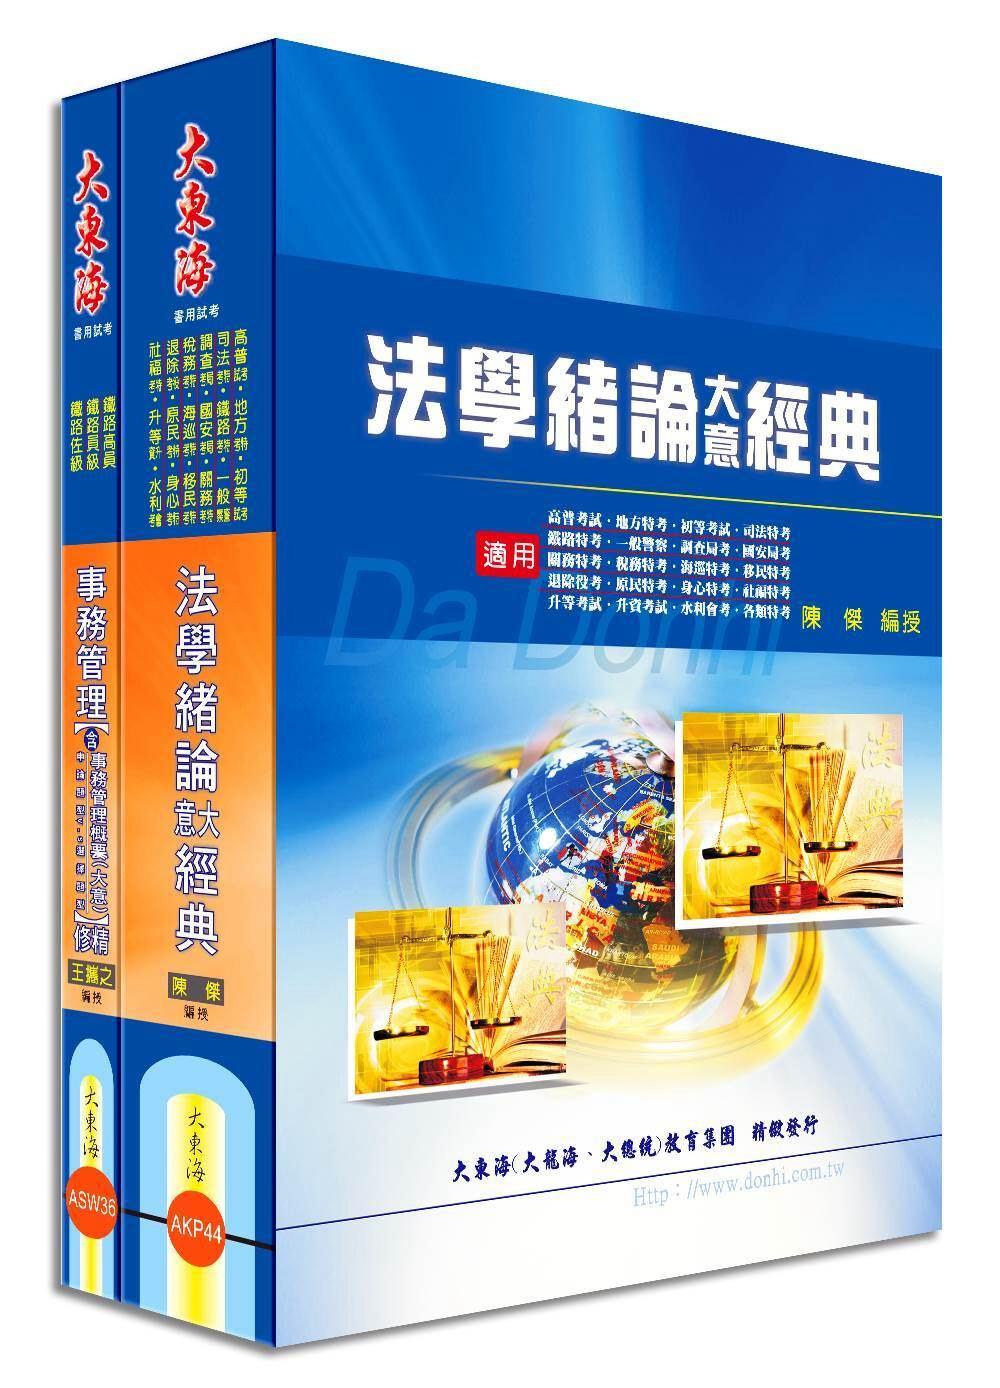 鐵路佐級(事務管理)專業科目套書(增修版)